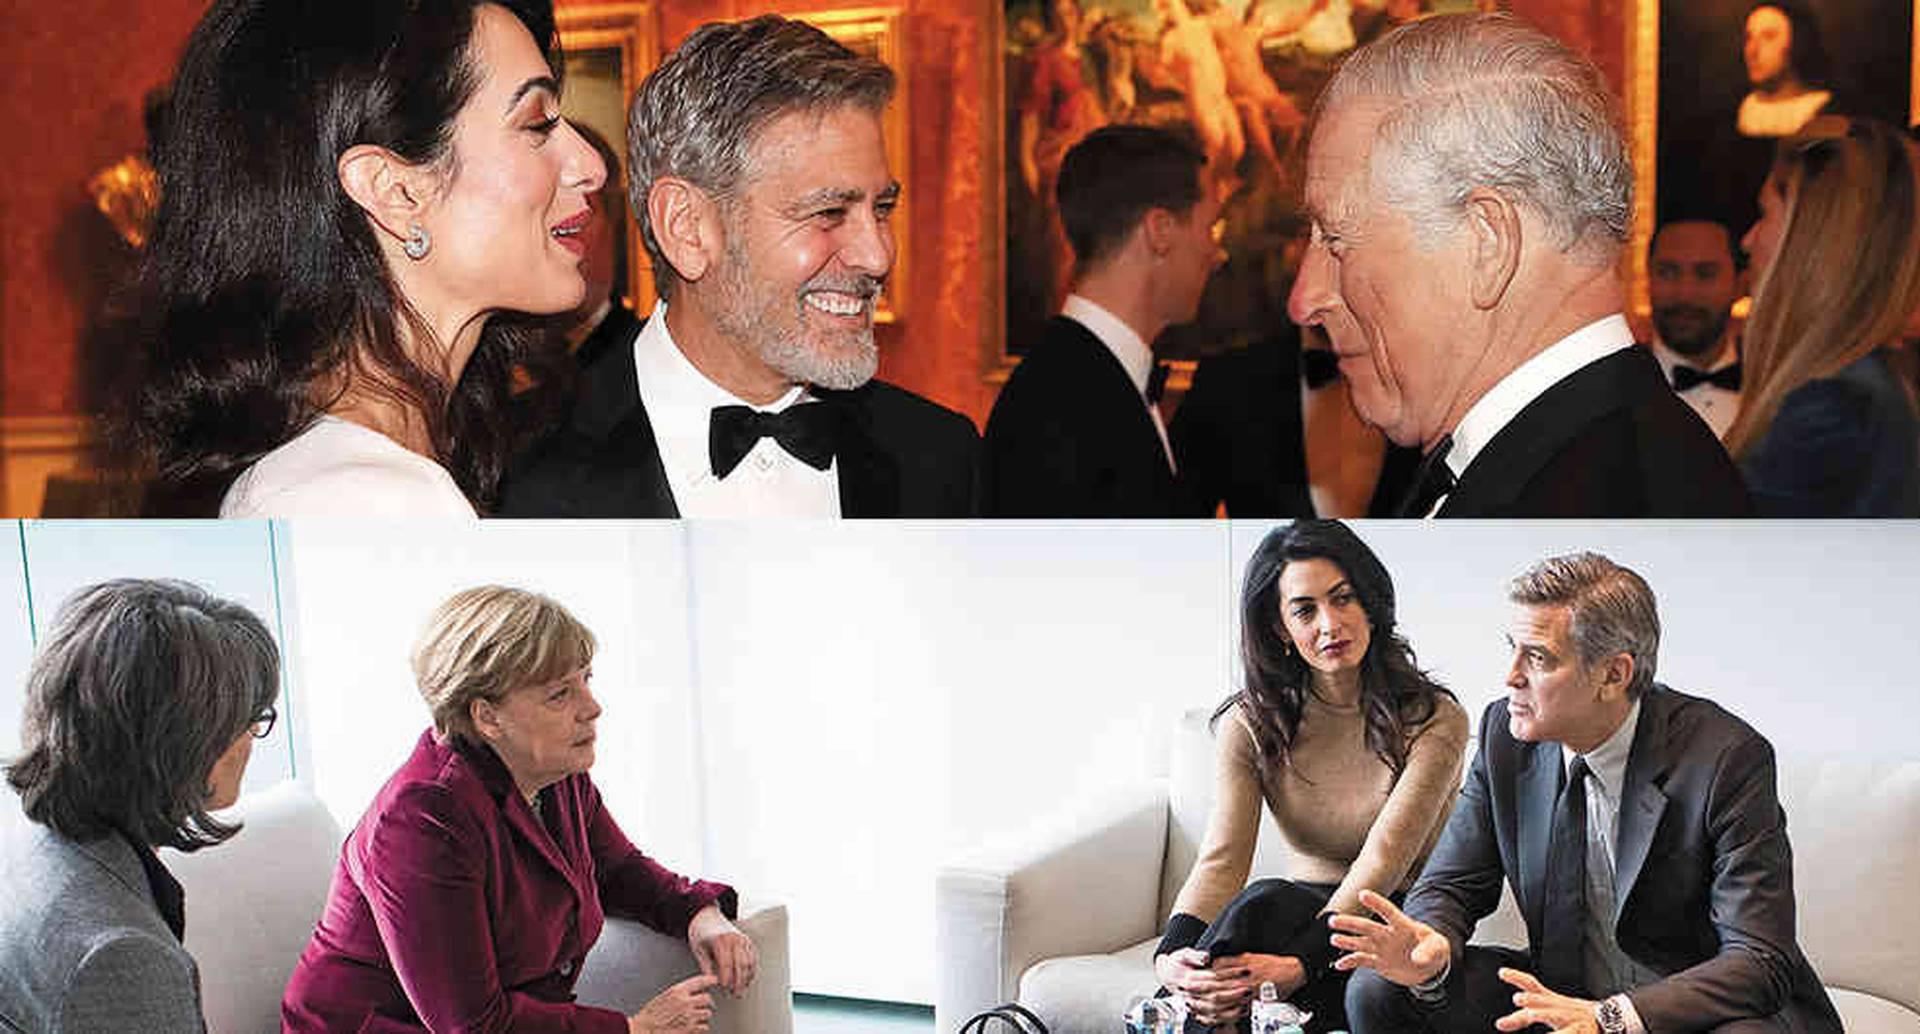 Los Clooney viven en Londres y asisten a los eventos de la familia real. Desde hace unos años, además, se reúnen con líderes mundiales para hablar sobre el tema de los refugiados.